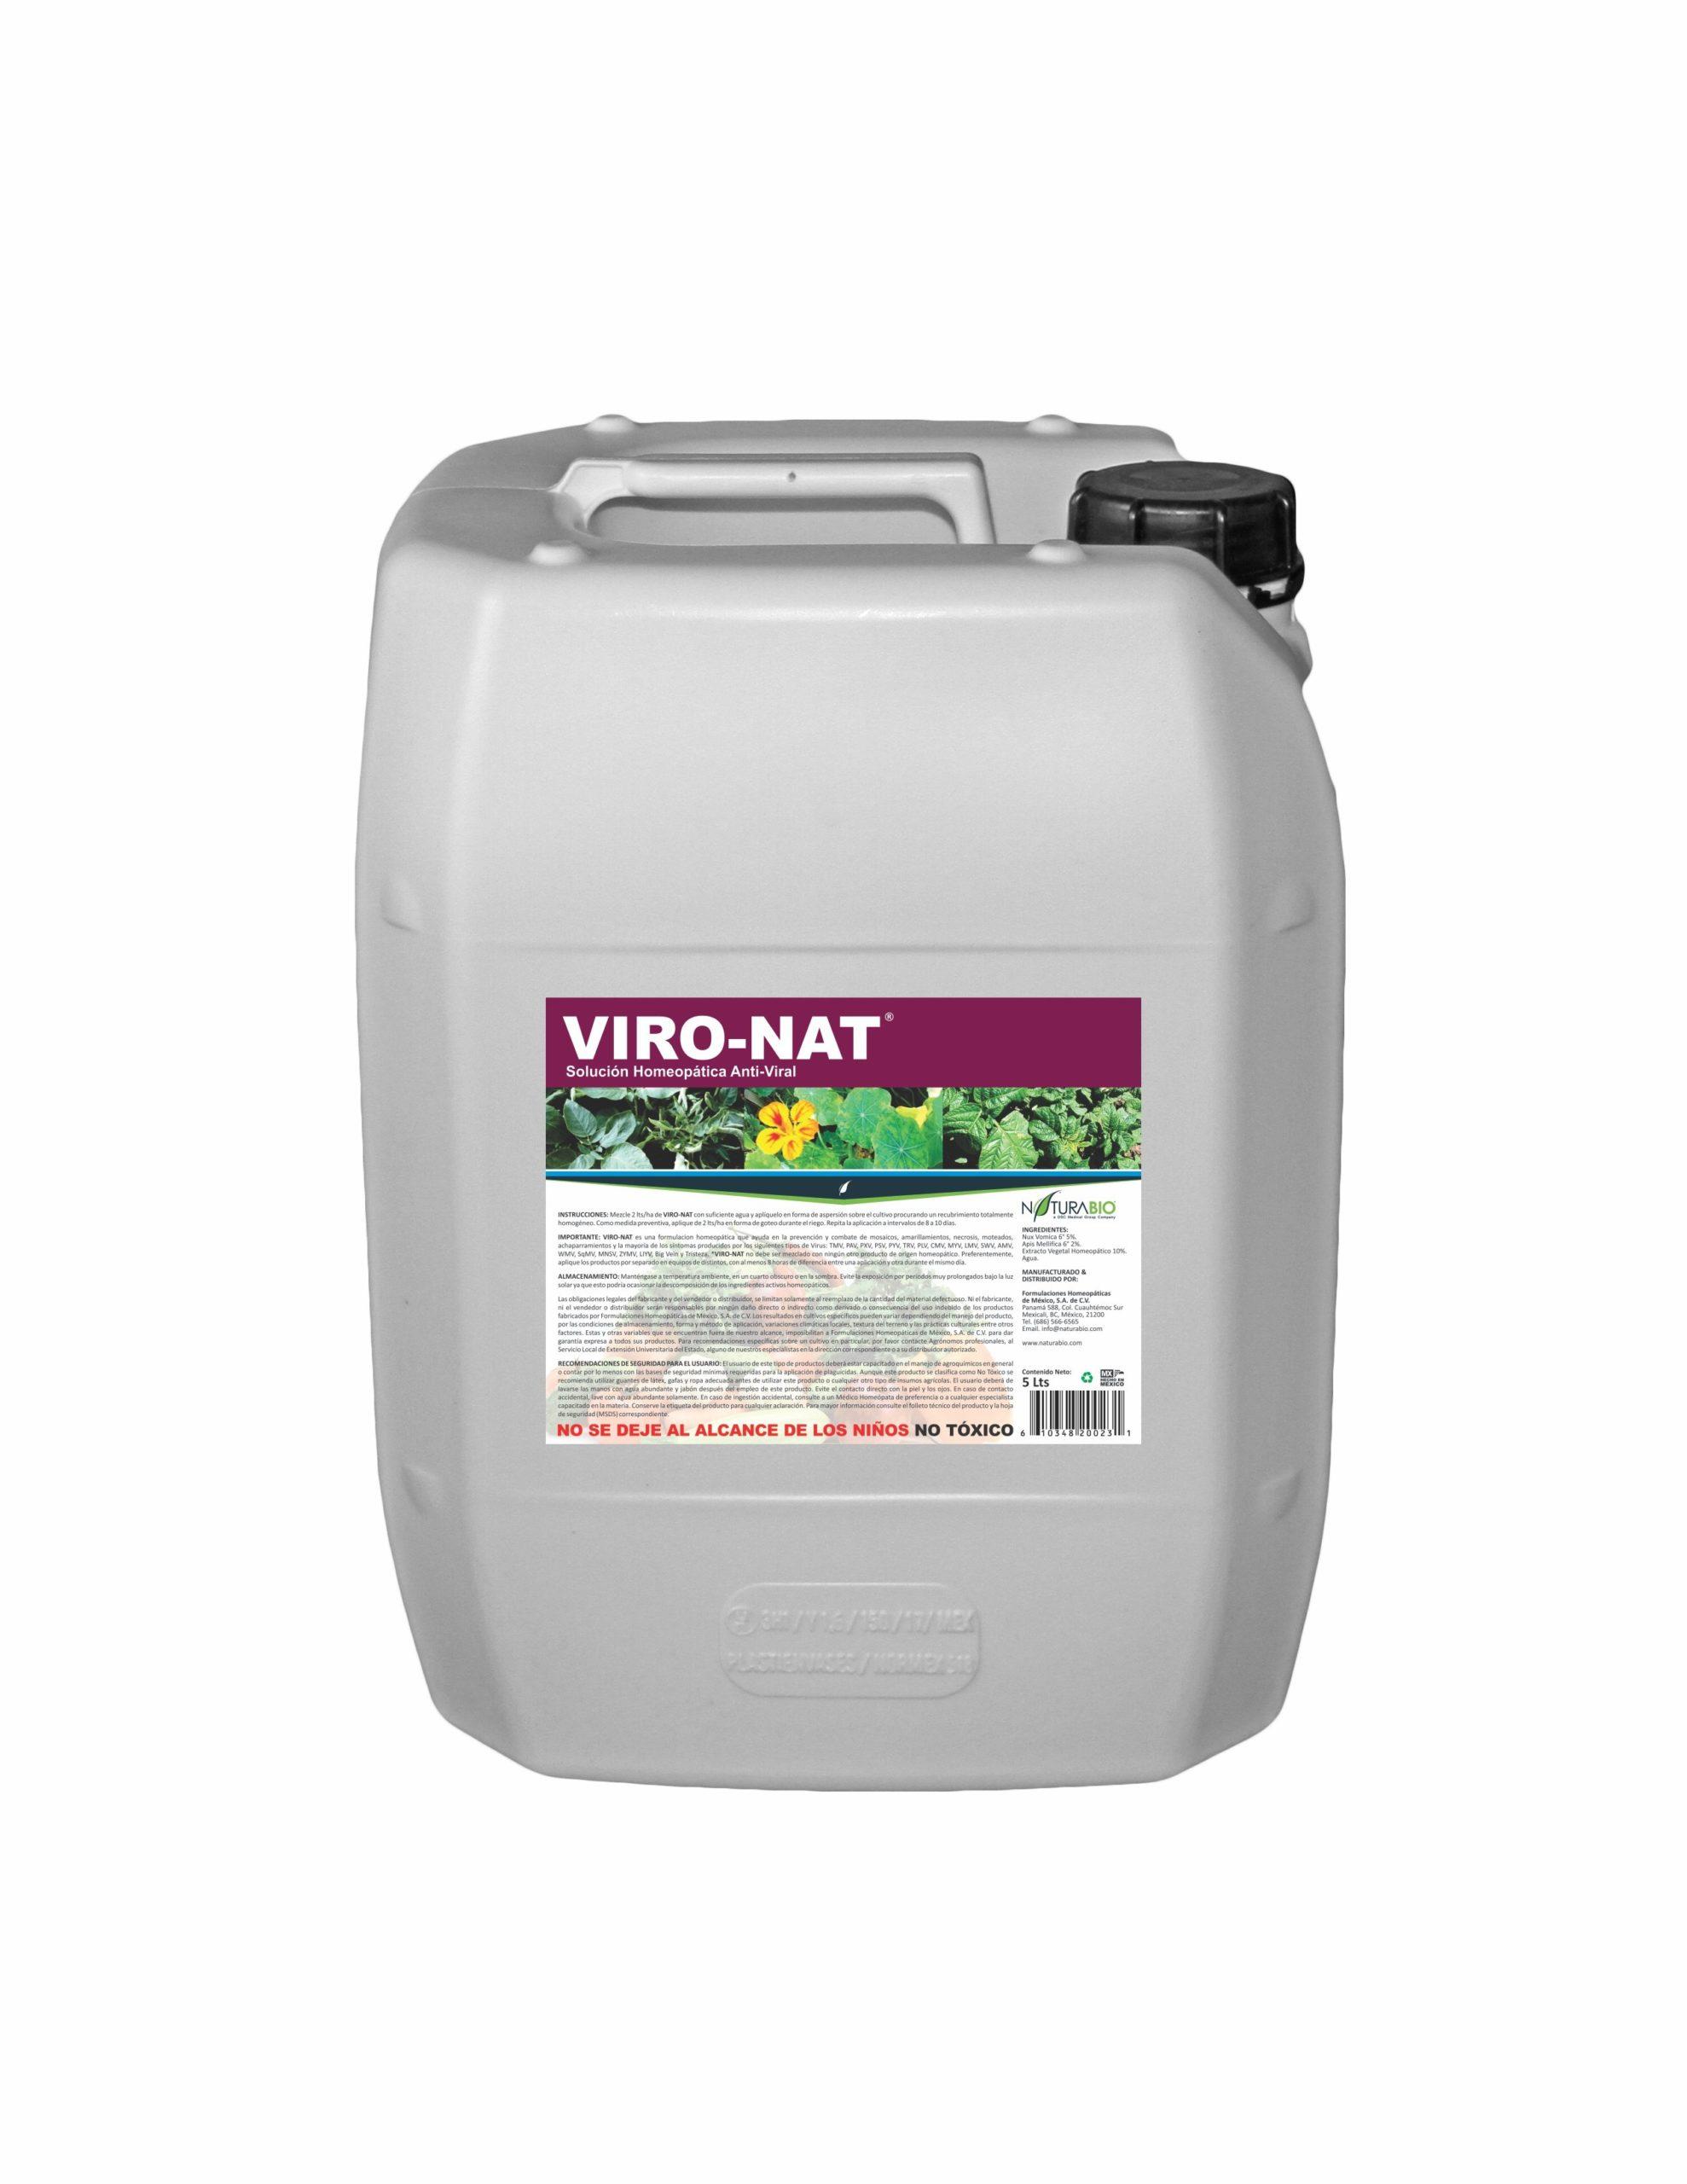 VIRO-NAT Solución Homeopática auxiliar para Control de Virosis